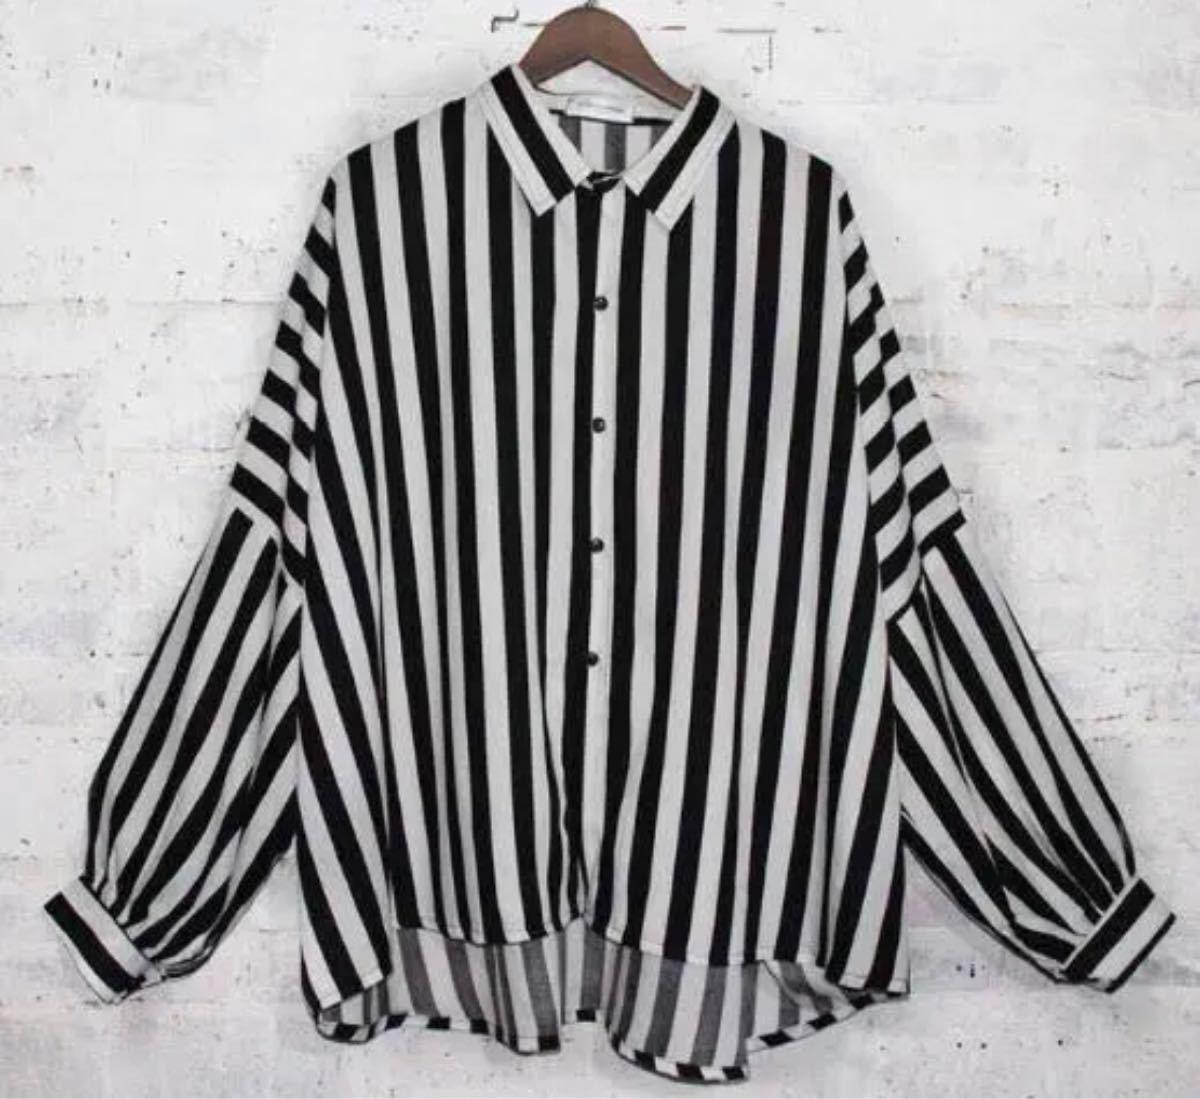 メンズ シャツ ビッグシルエット メンズシャツ ドルマンシャツ ストライプシャツ